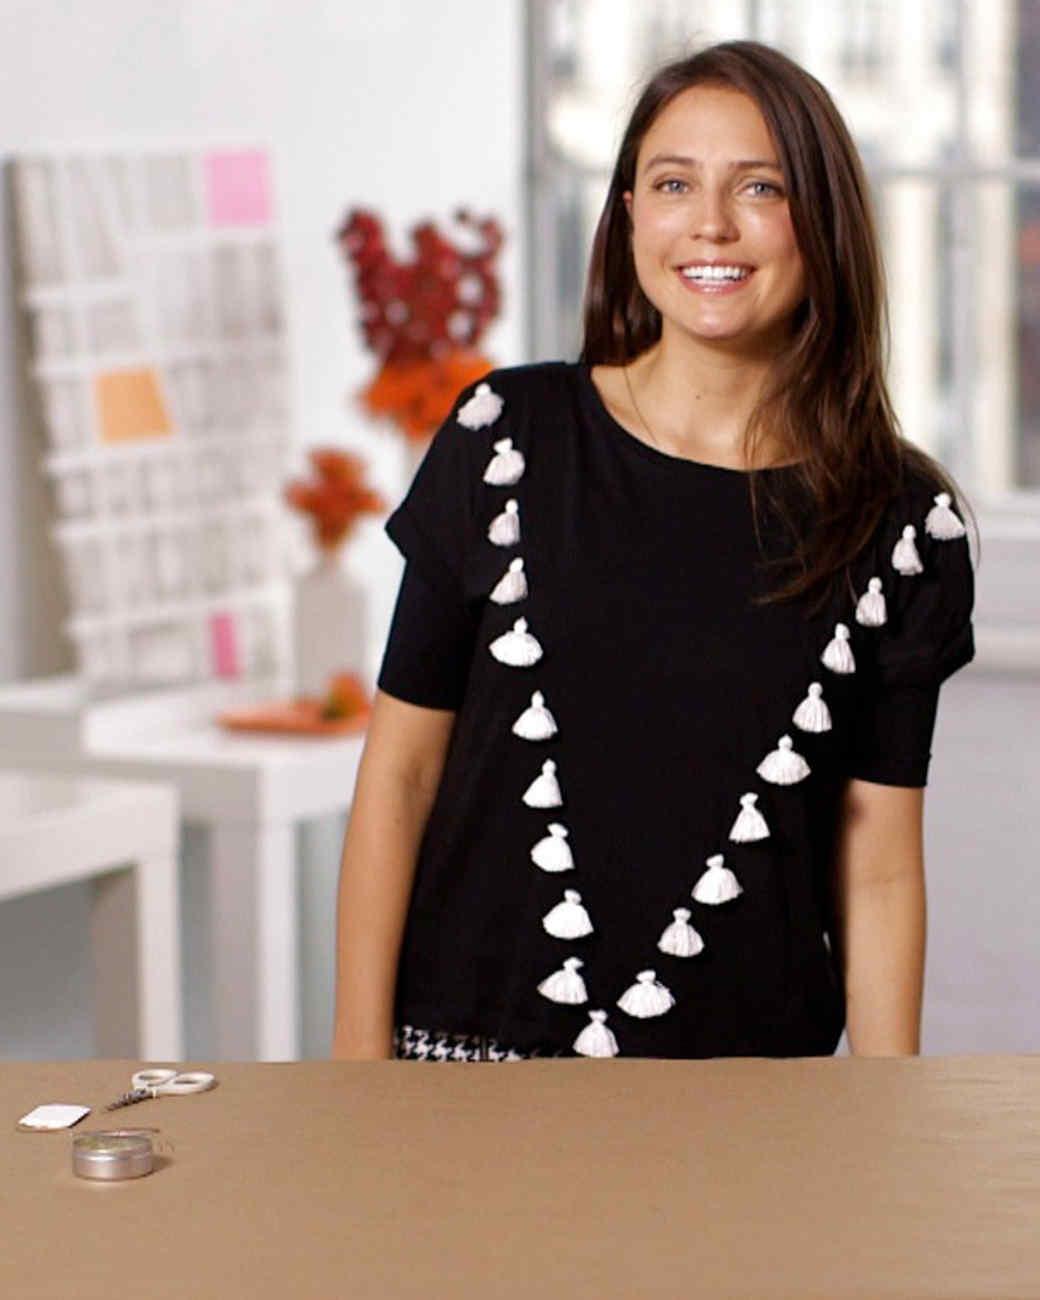 diy-shirt-tassels-0415.jpg